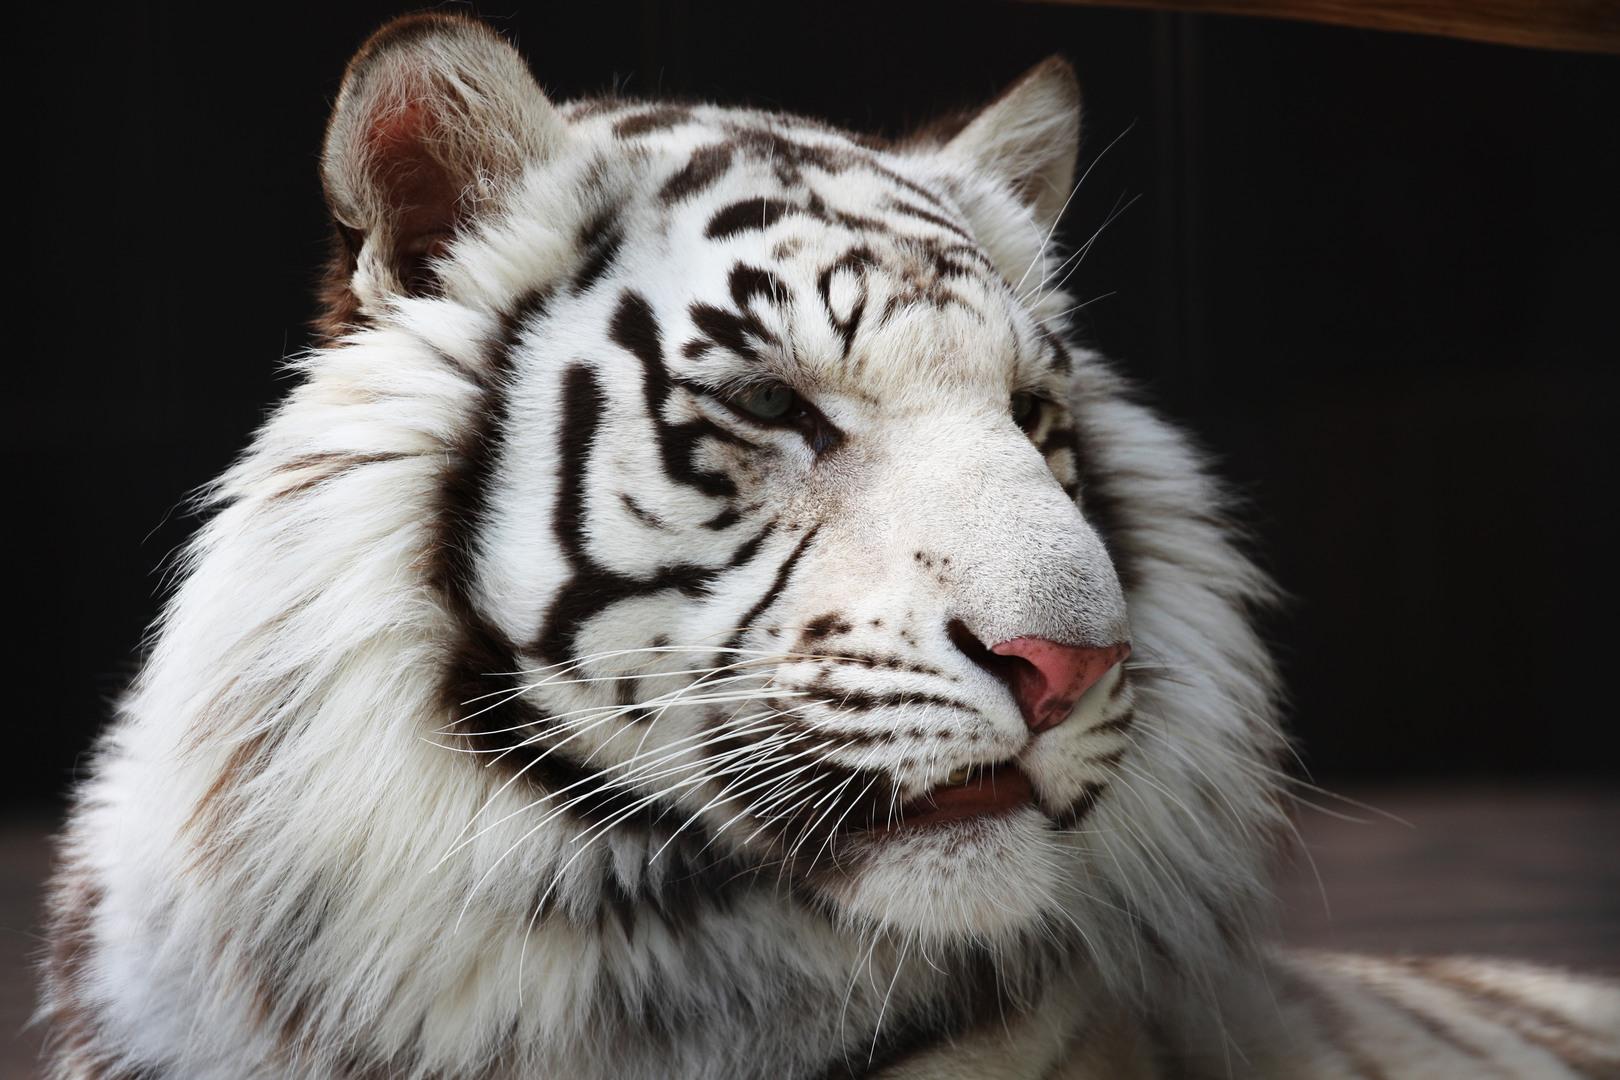 White Tiger Wallpaper Hd Desktop Wallpapers 4k Hd